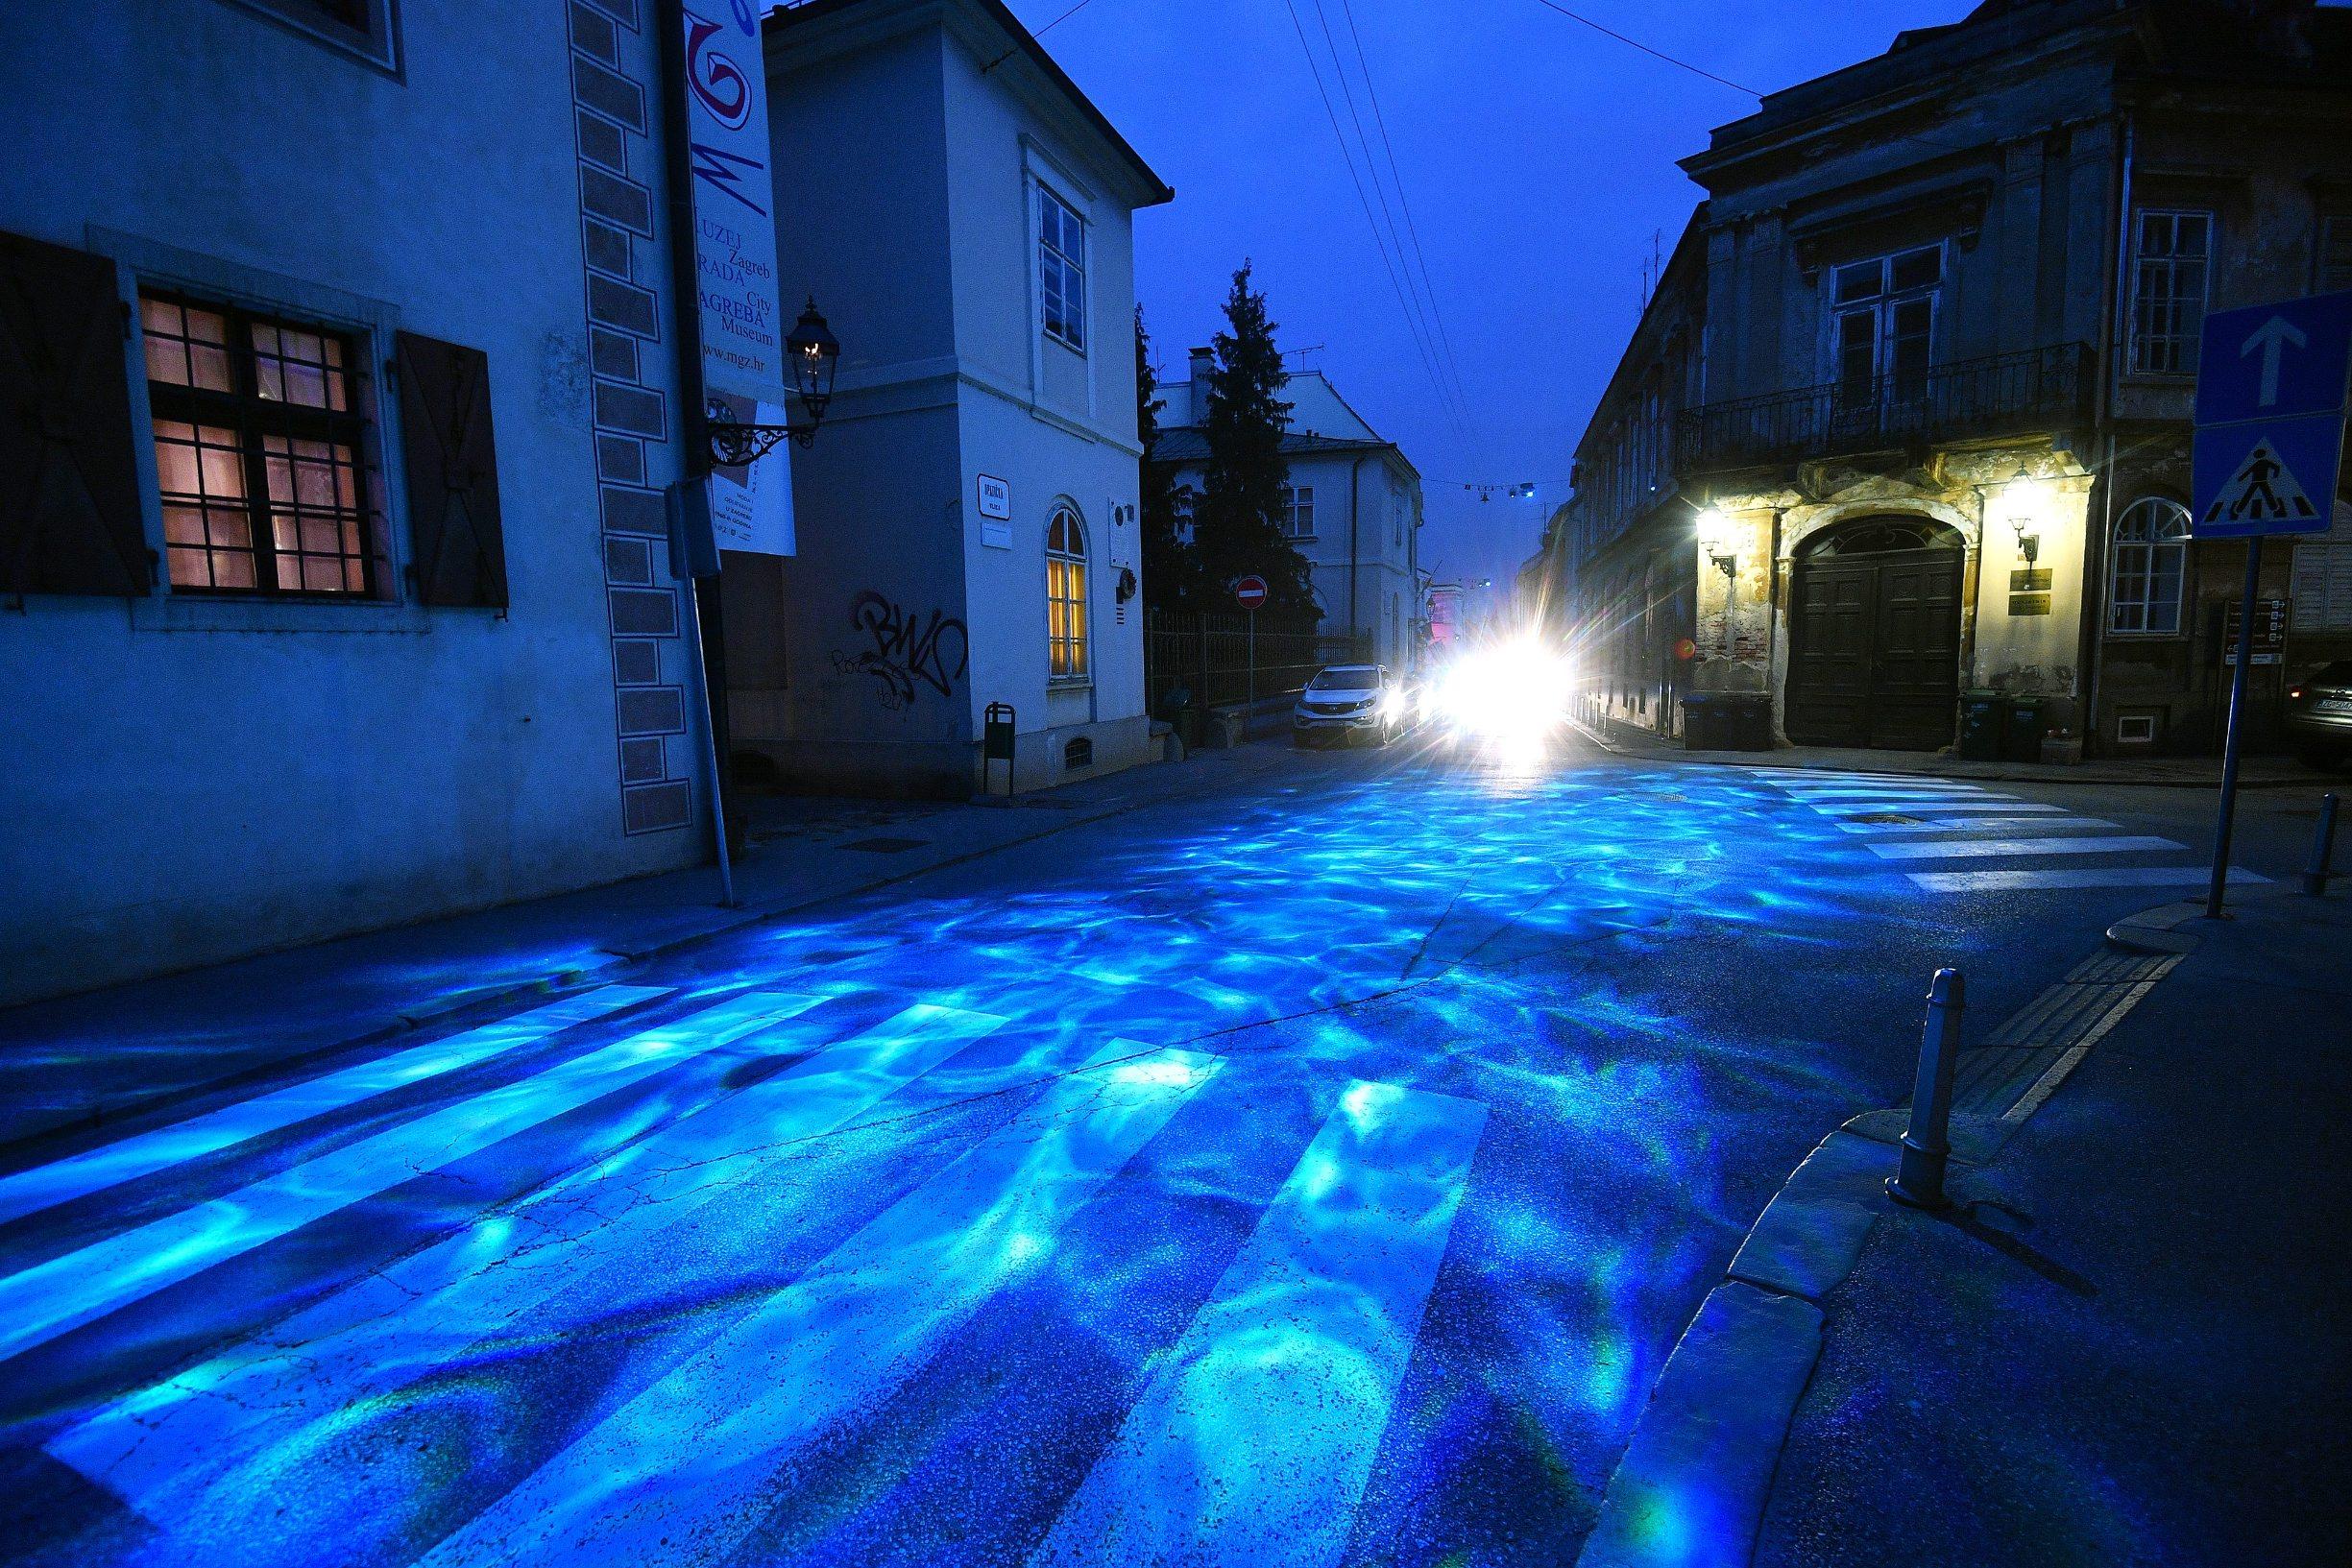 festival_svjetla1-200319